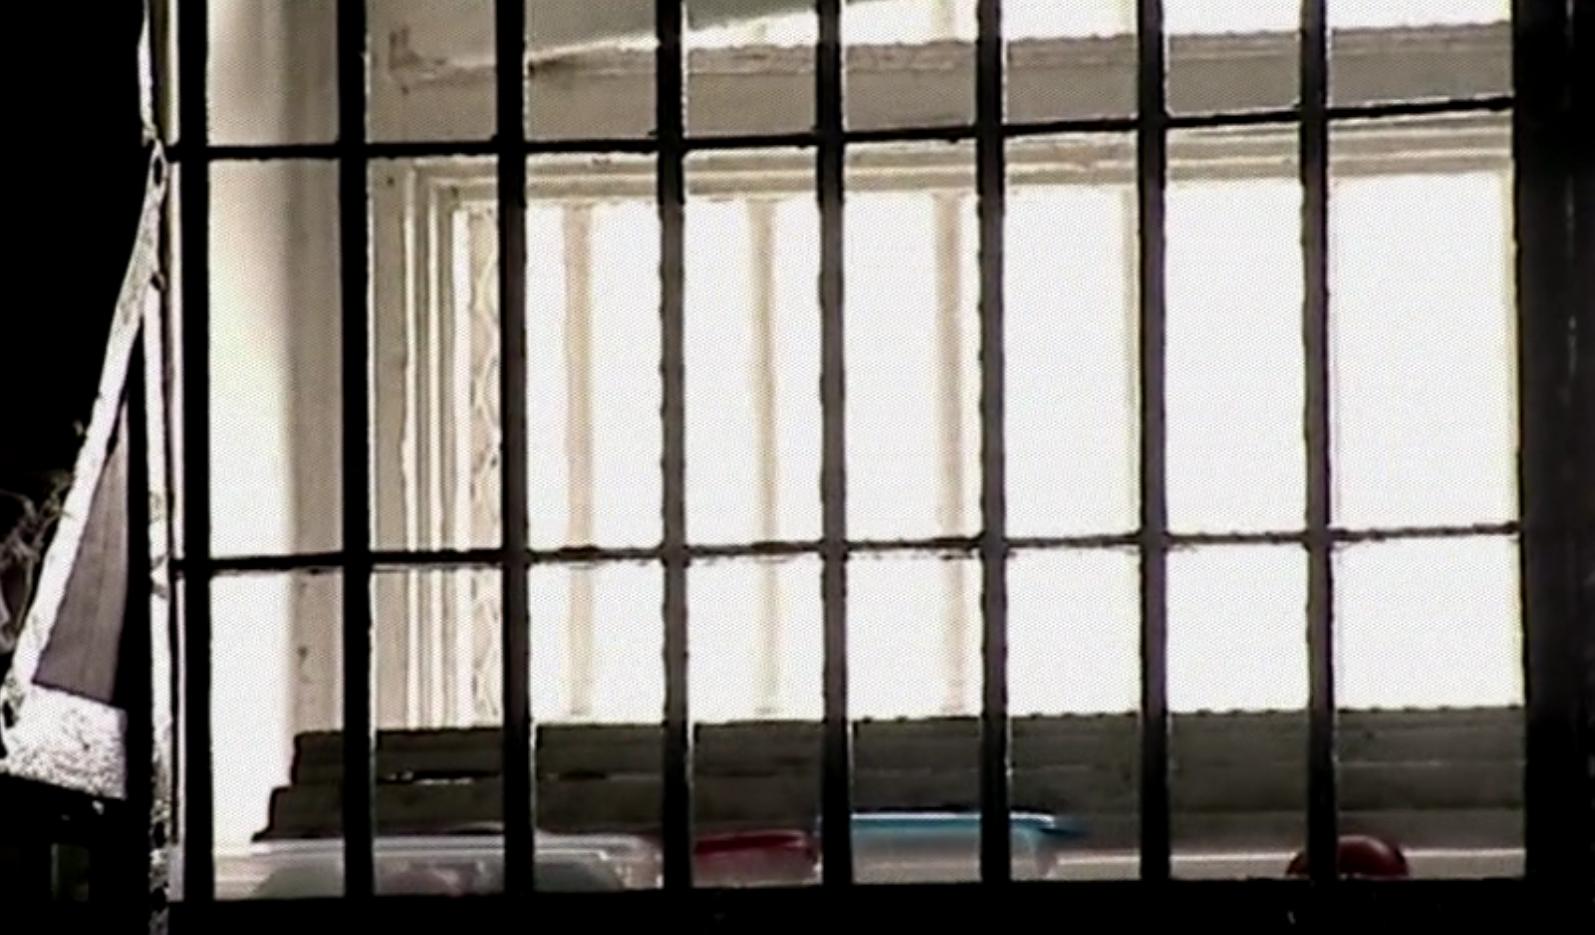 Czujny.pl jako pierwszy informował o sytuacji w więzieniach. Naszym tropem idą inne media.